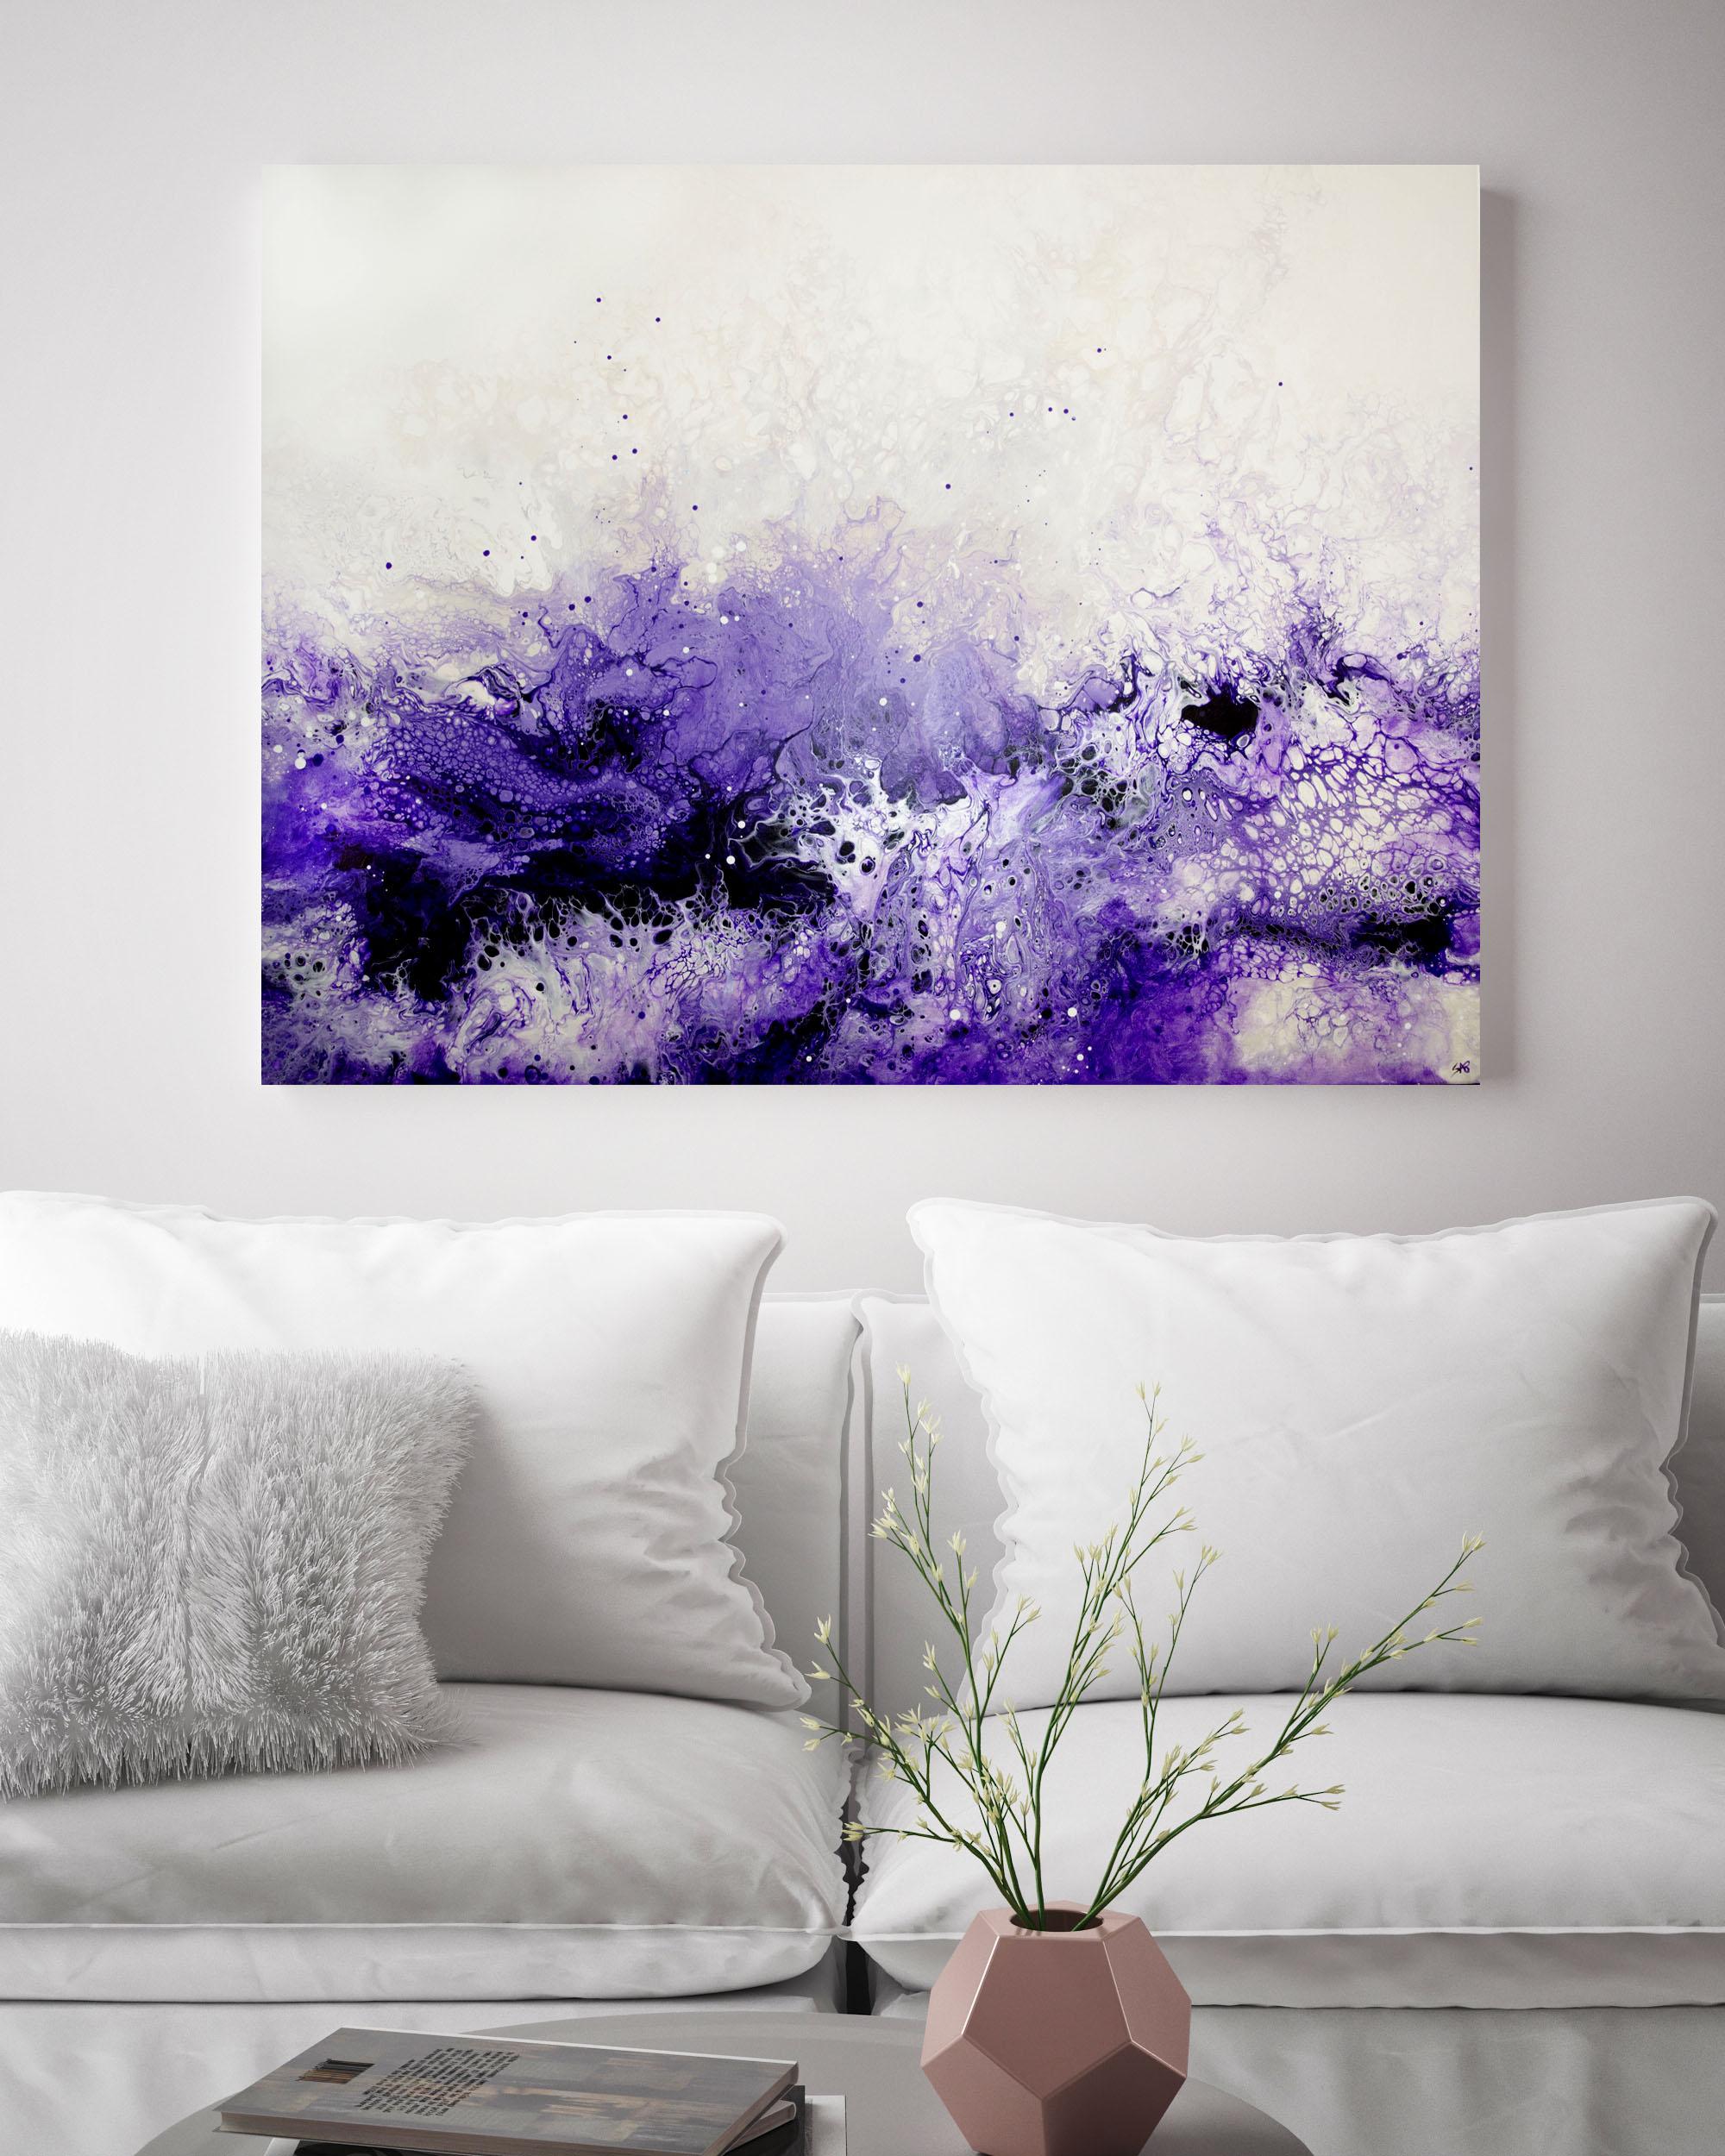 Lauma/ 2019/ 30x40x1.25/Fluid Acrylic and Atlantic Ocean Water on Canvas/ for sale/     CONTACT BoJu Art Gallery    /